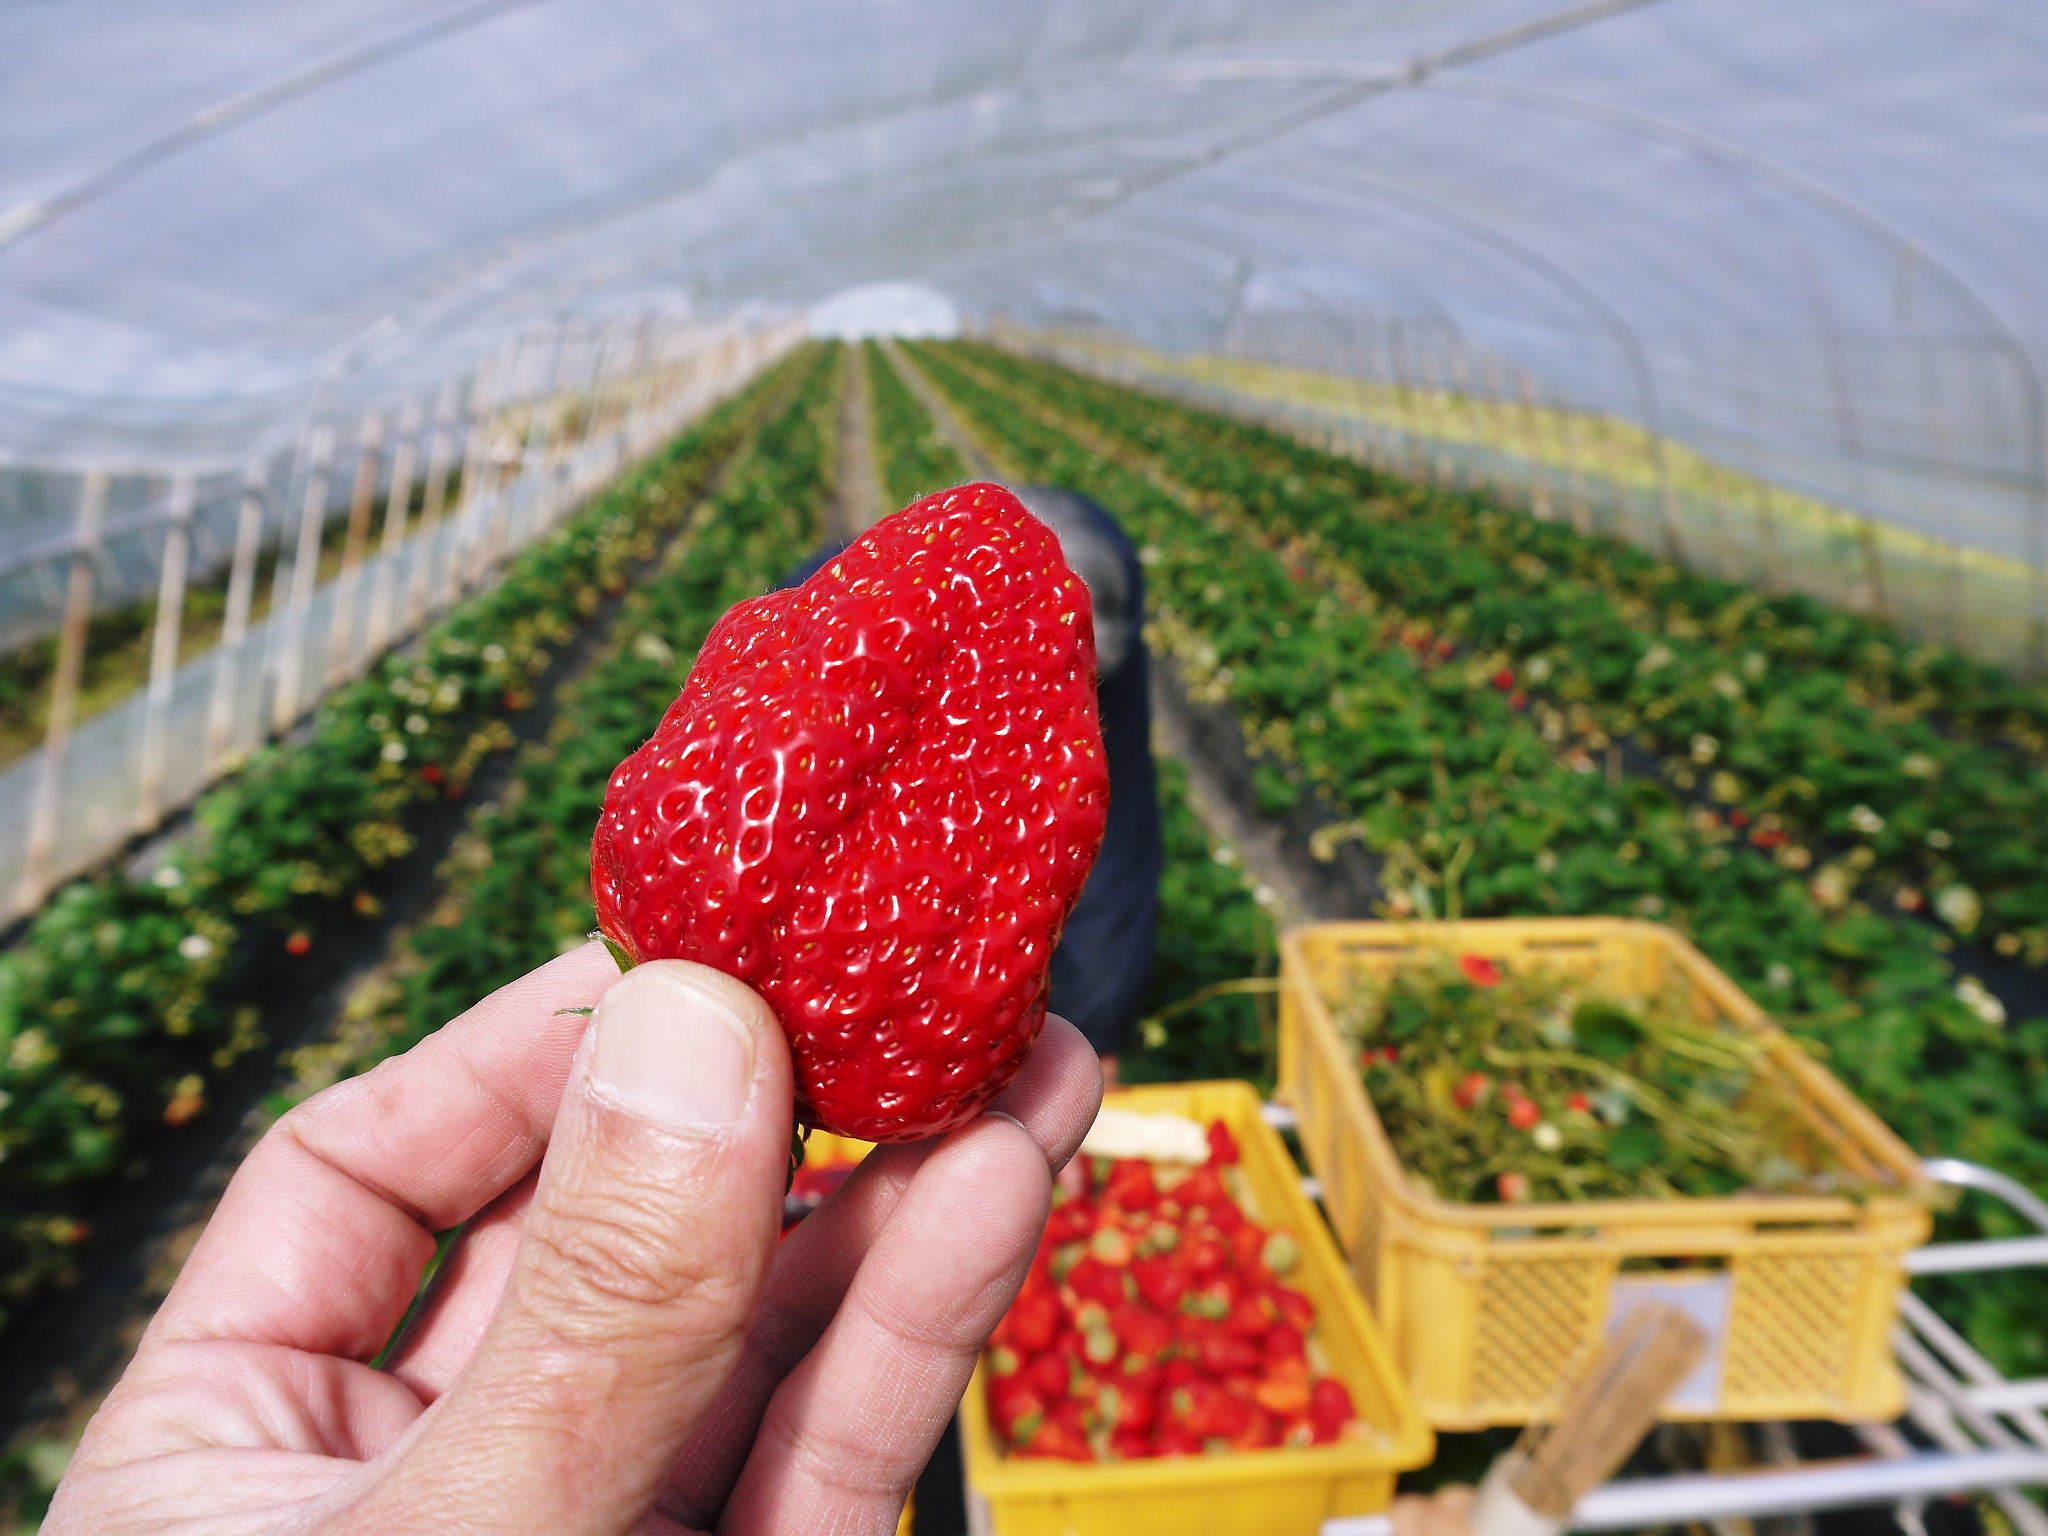 熊本産高級イチゴ『完熟紅ほっぺ』2020年はレギュラーパック3月末発送分、平積みパック4月中旬まで!_a0254656_17455296.jpg